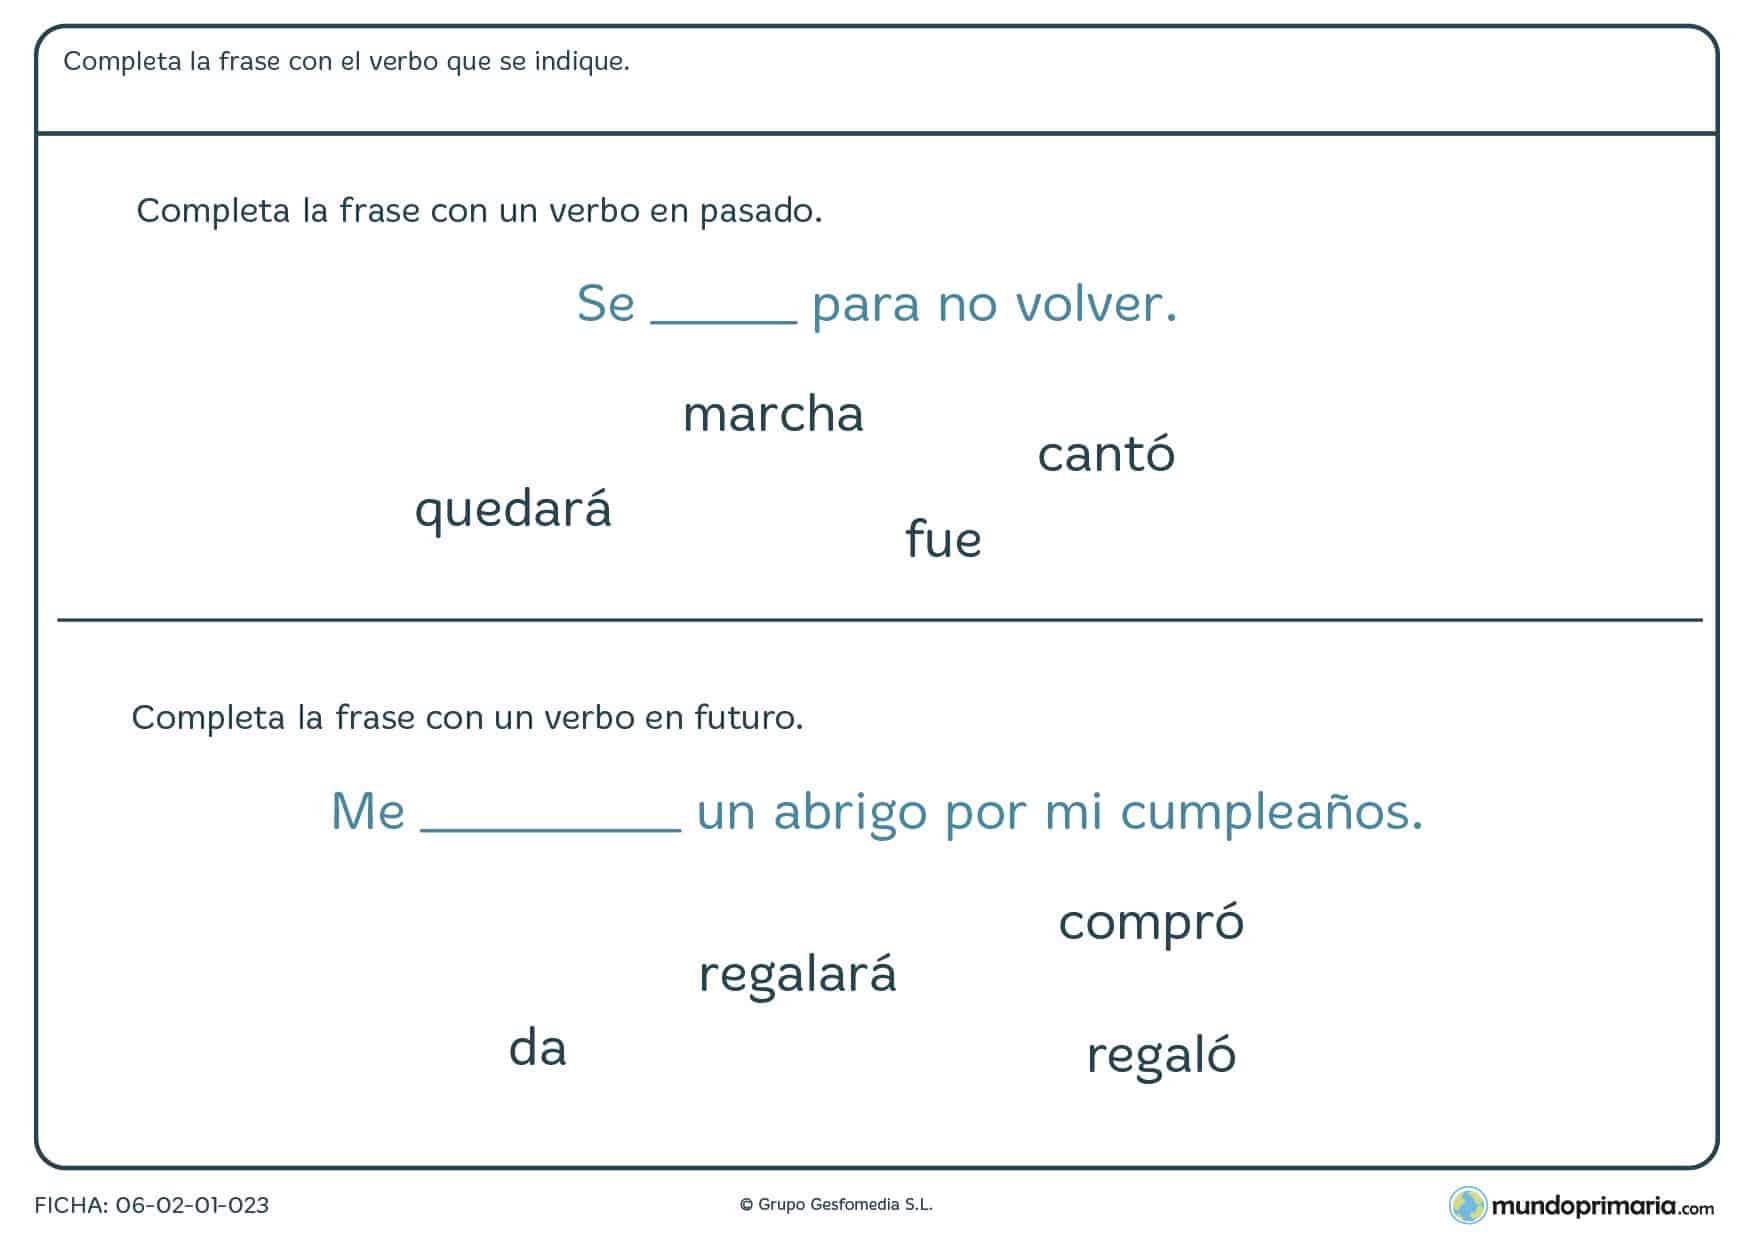 Ficha de utilizar verbos en pasado para alumnos de 4º de Primaria